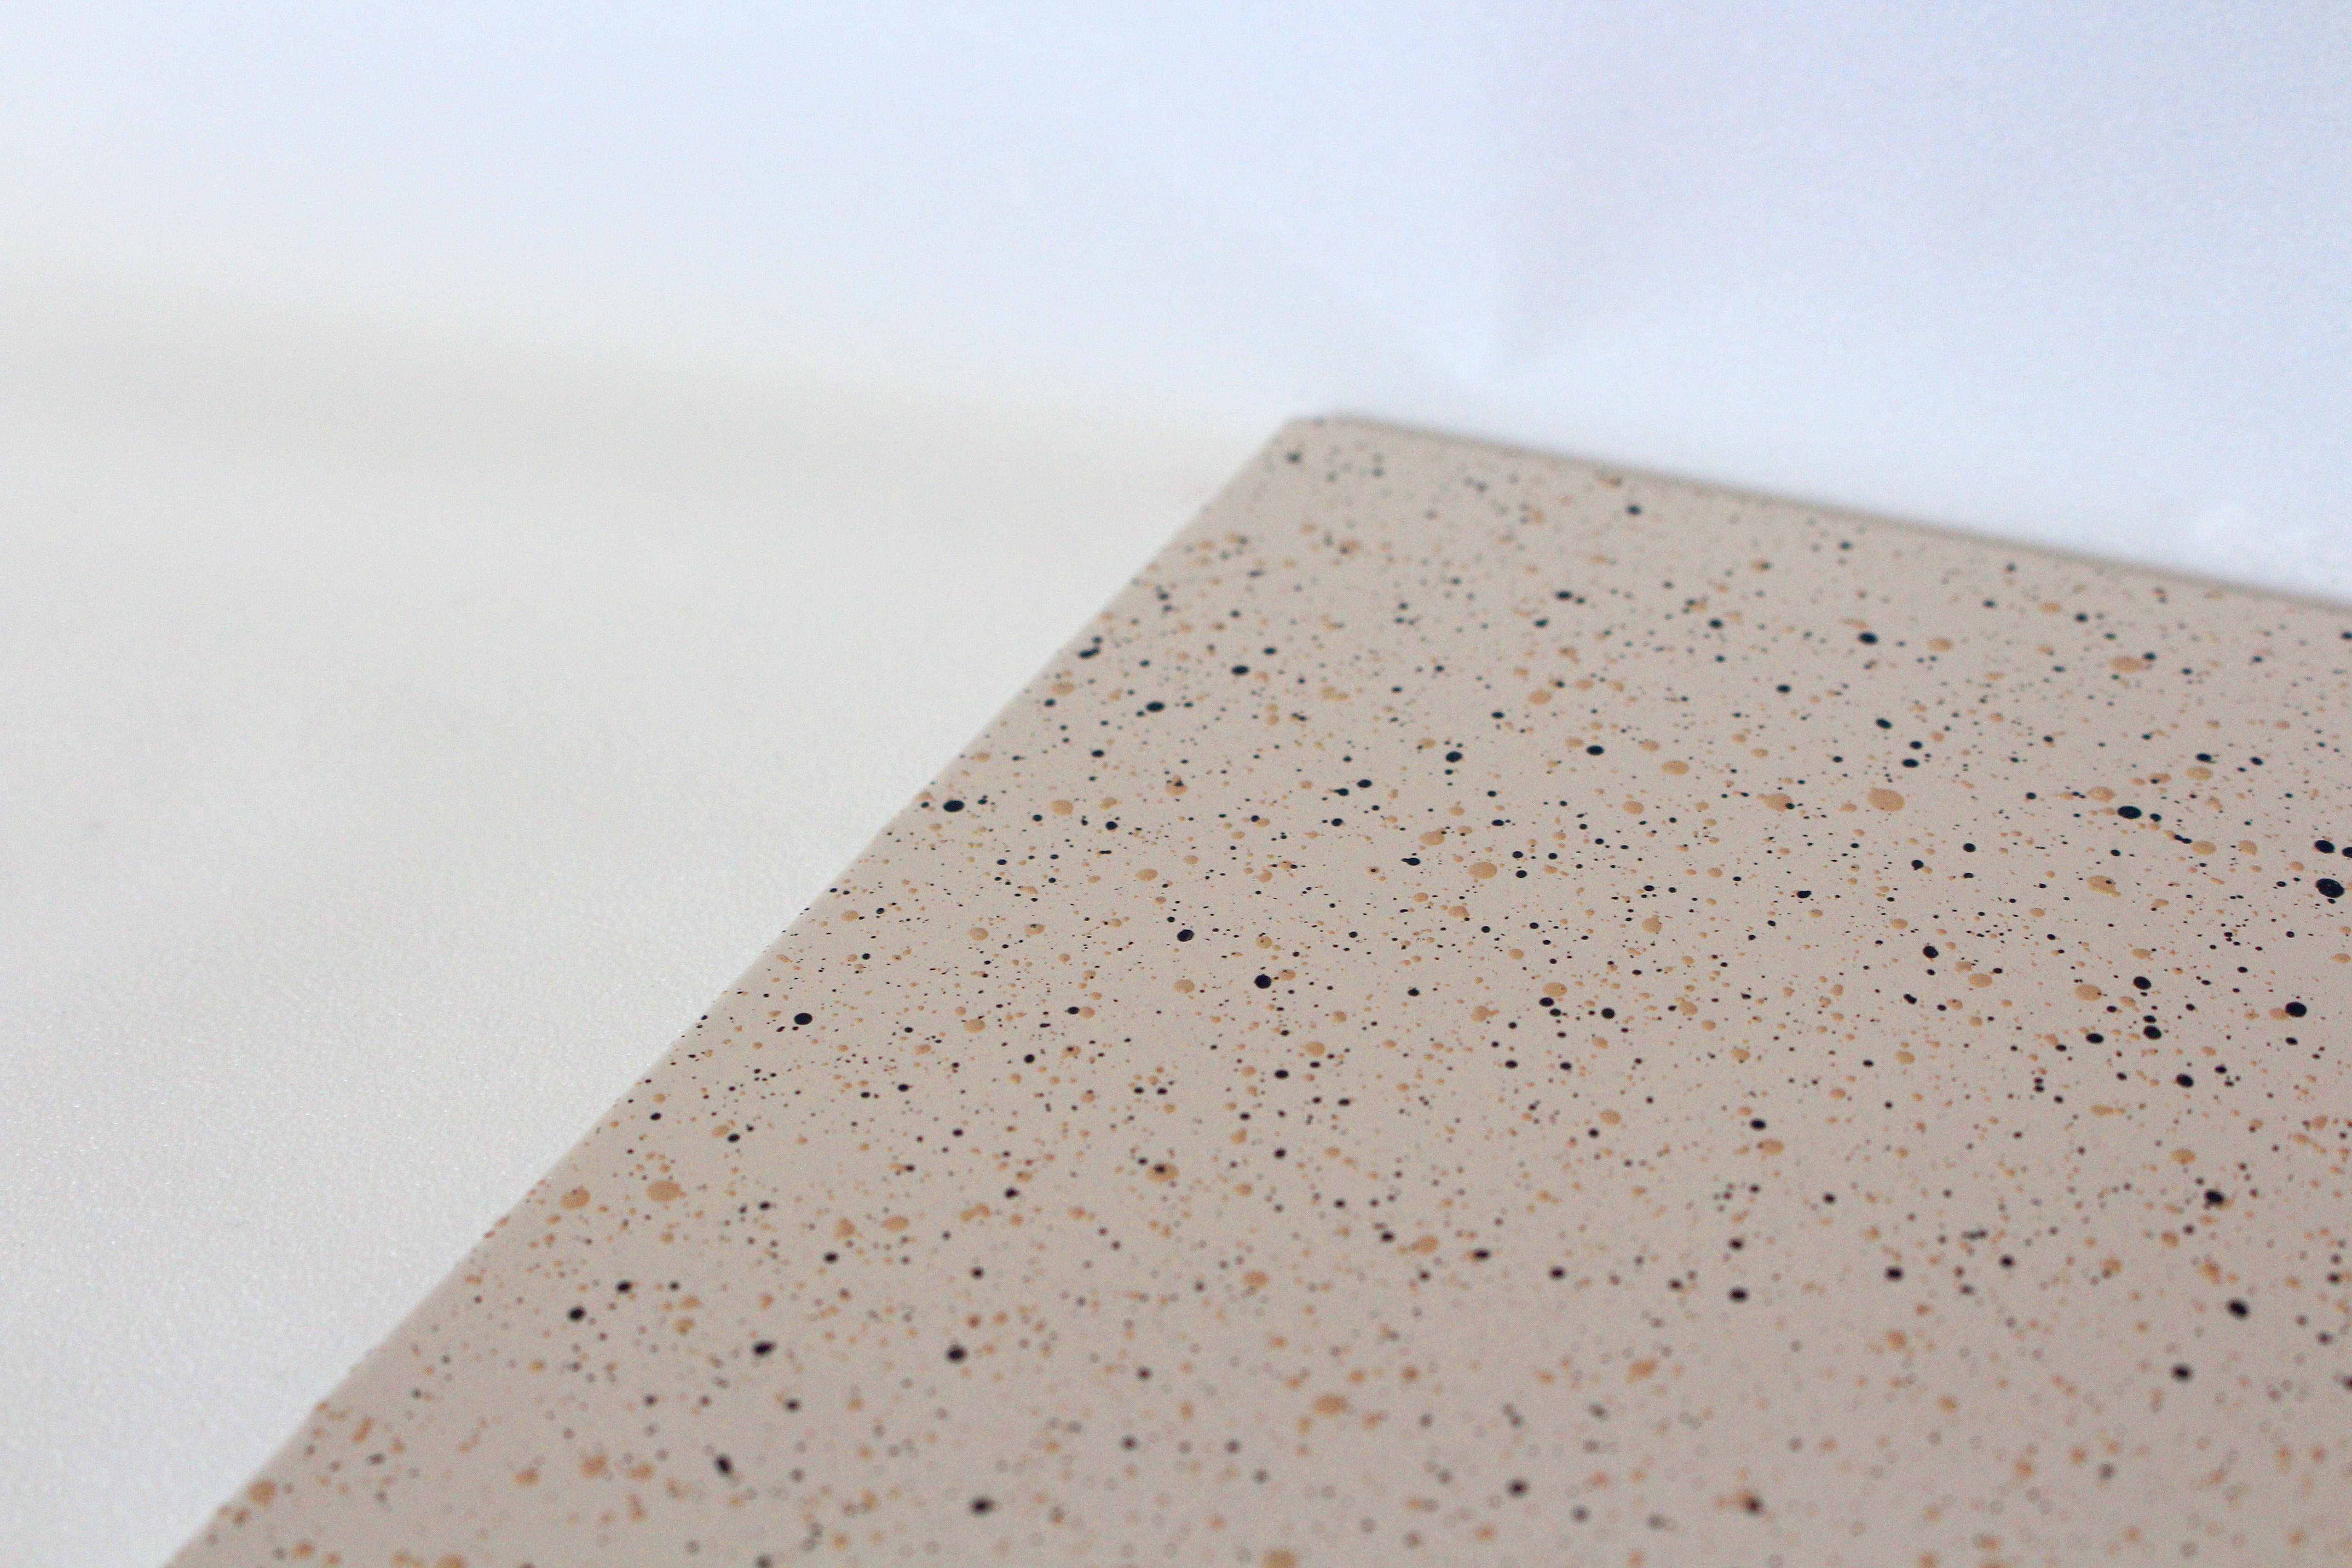 仿石效果的粉末涂料